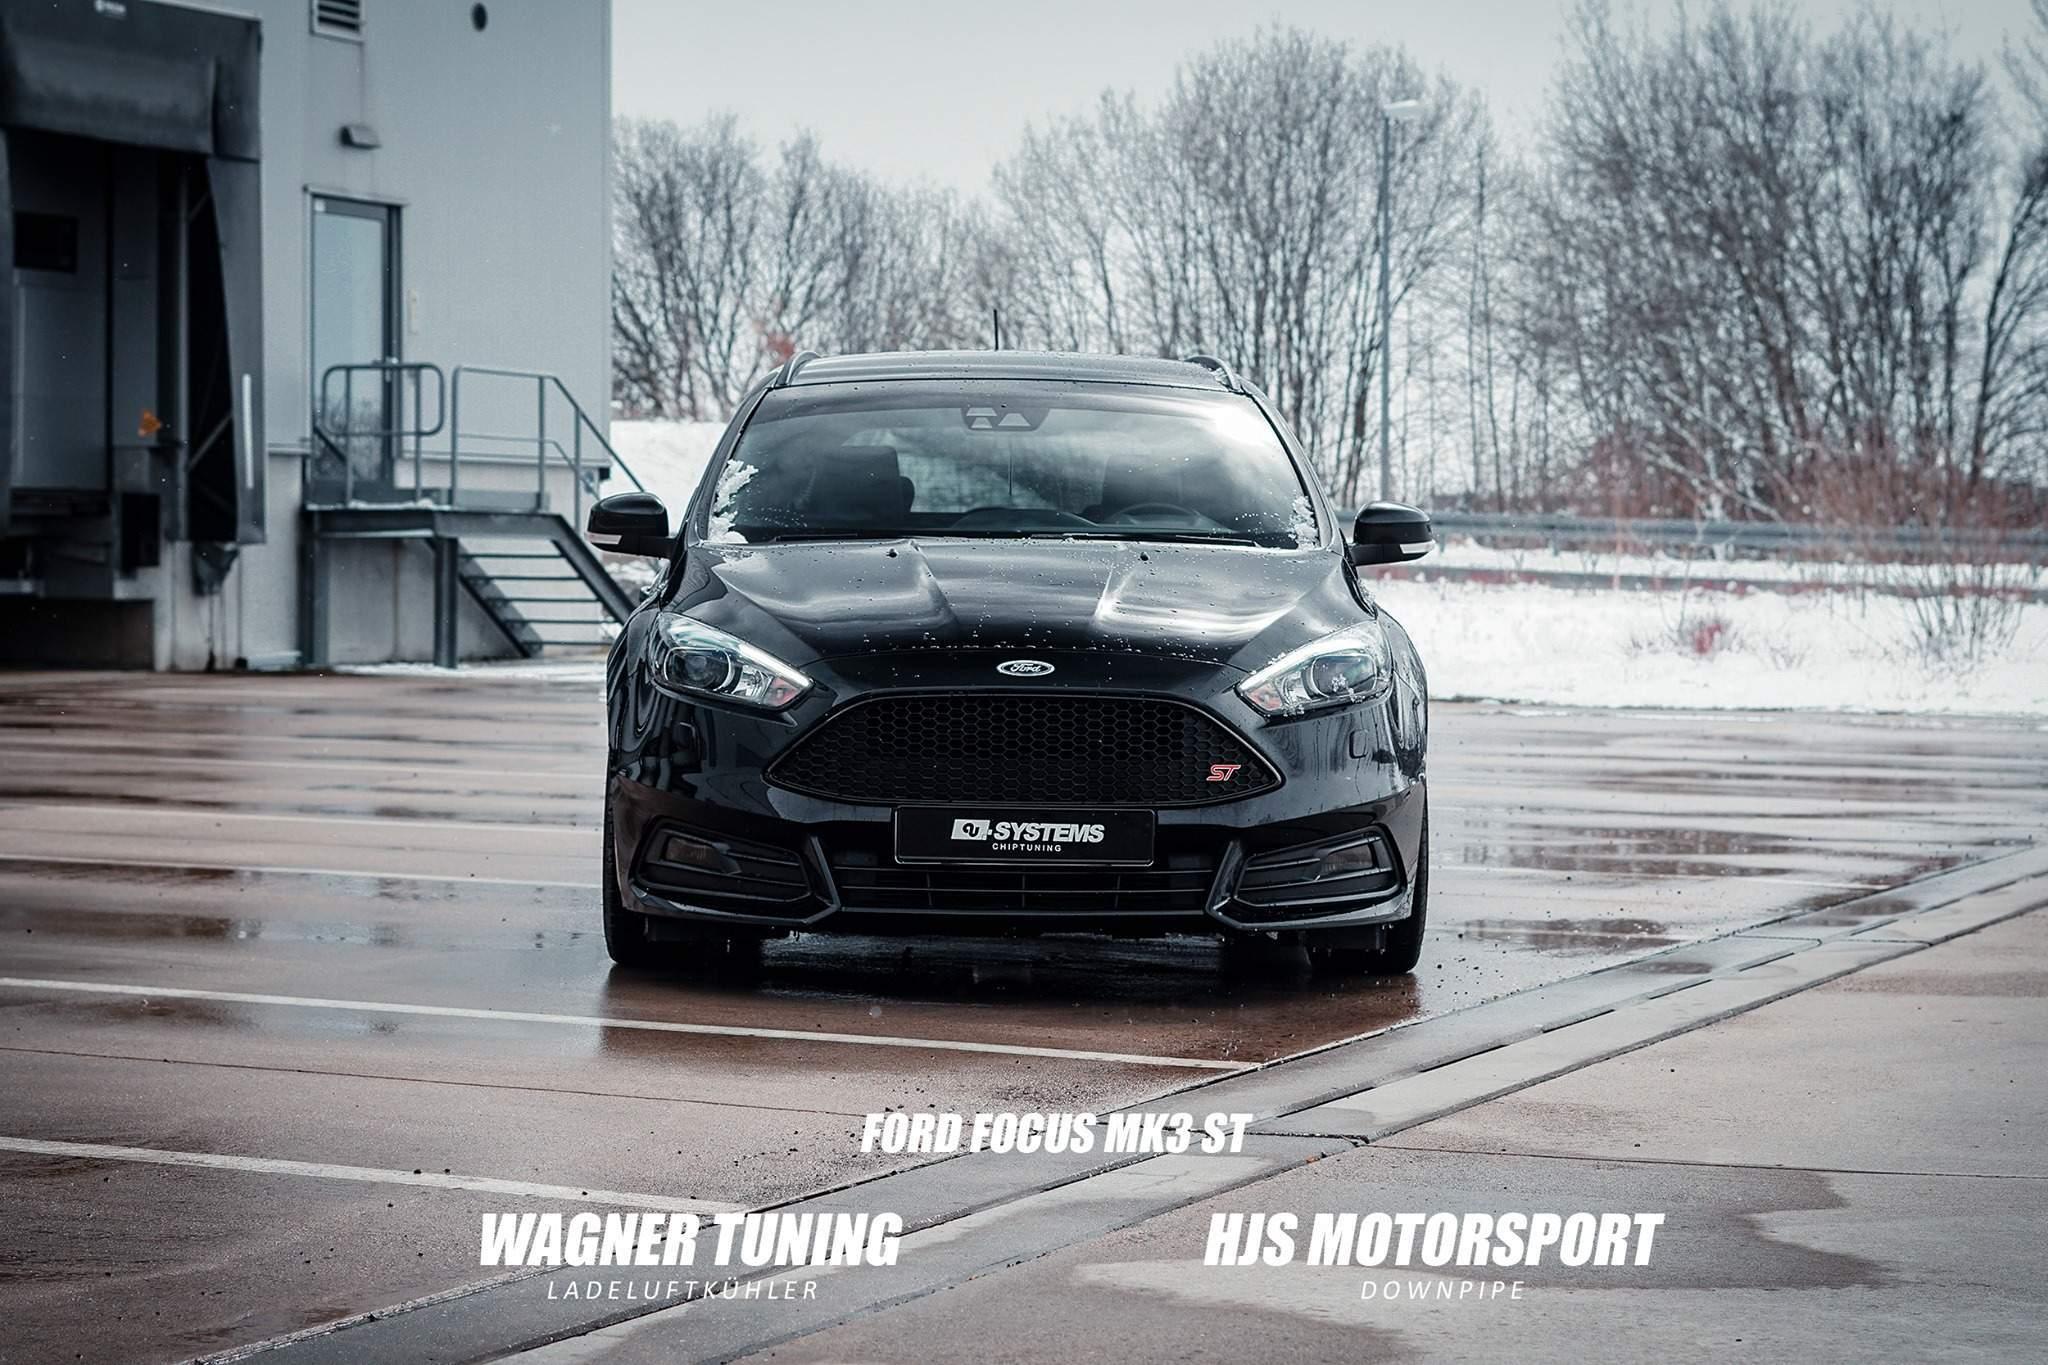 Ford Focus MK3 ST Downpipe & Ladeluftkühler